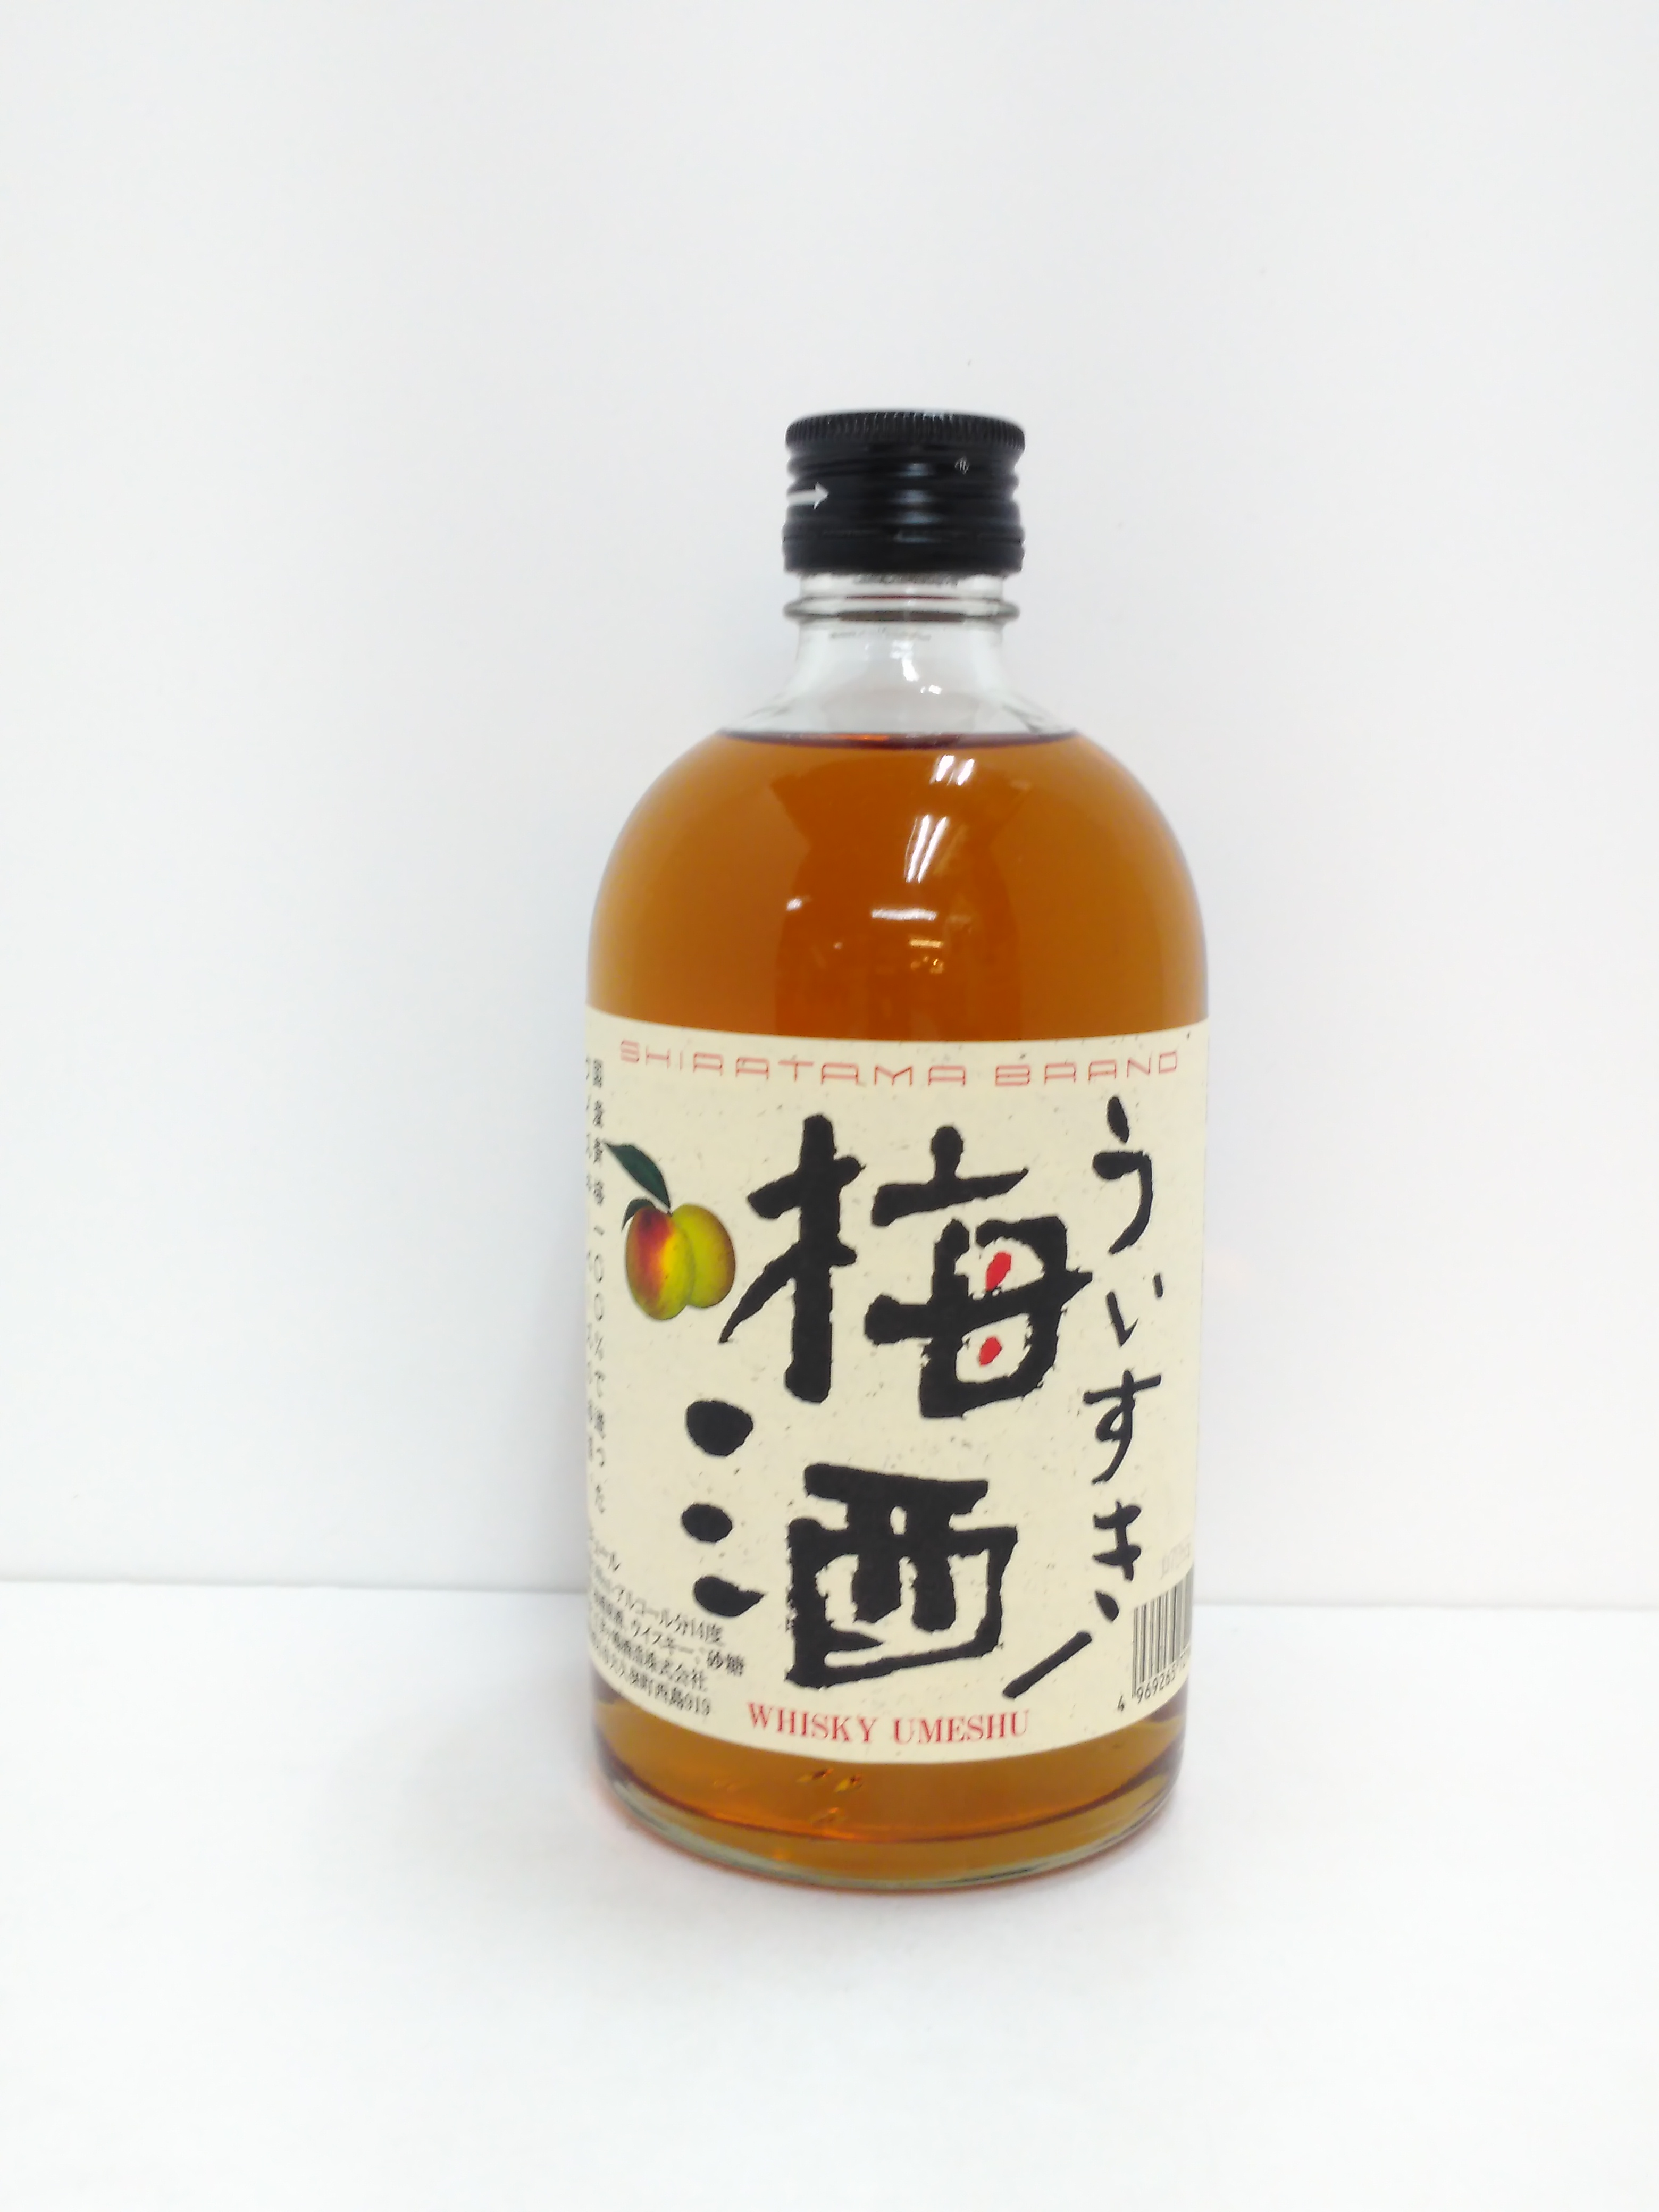 江井ヶ嶋酒造 ういすきー梅酒 14度 500ml